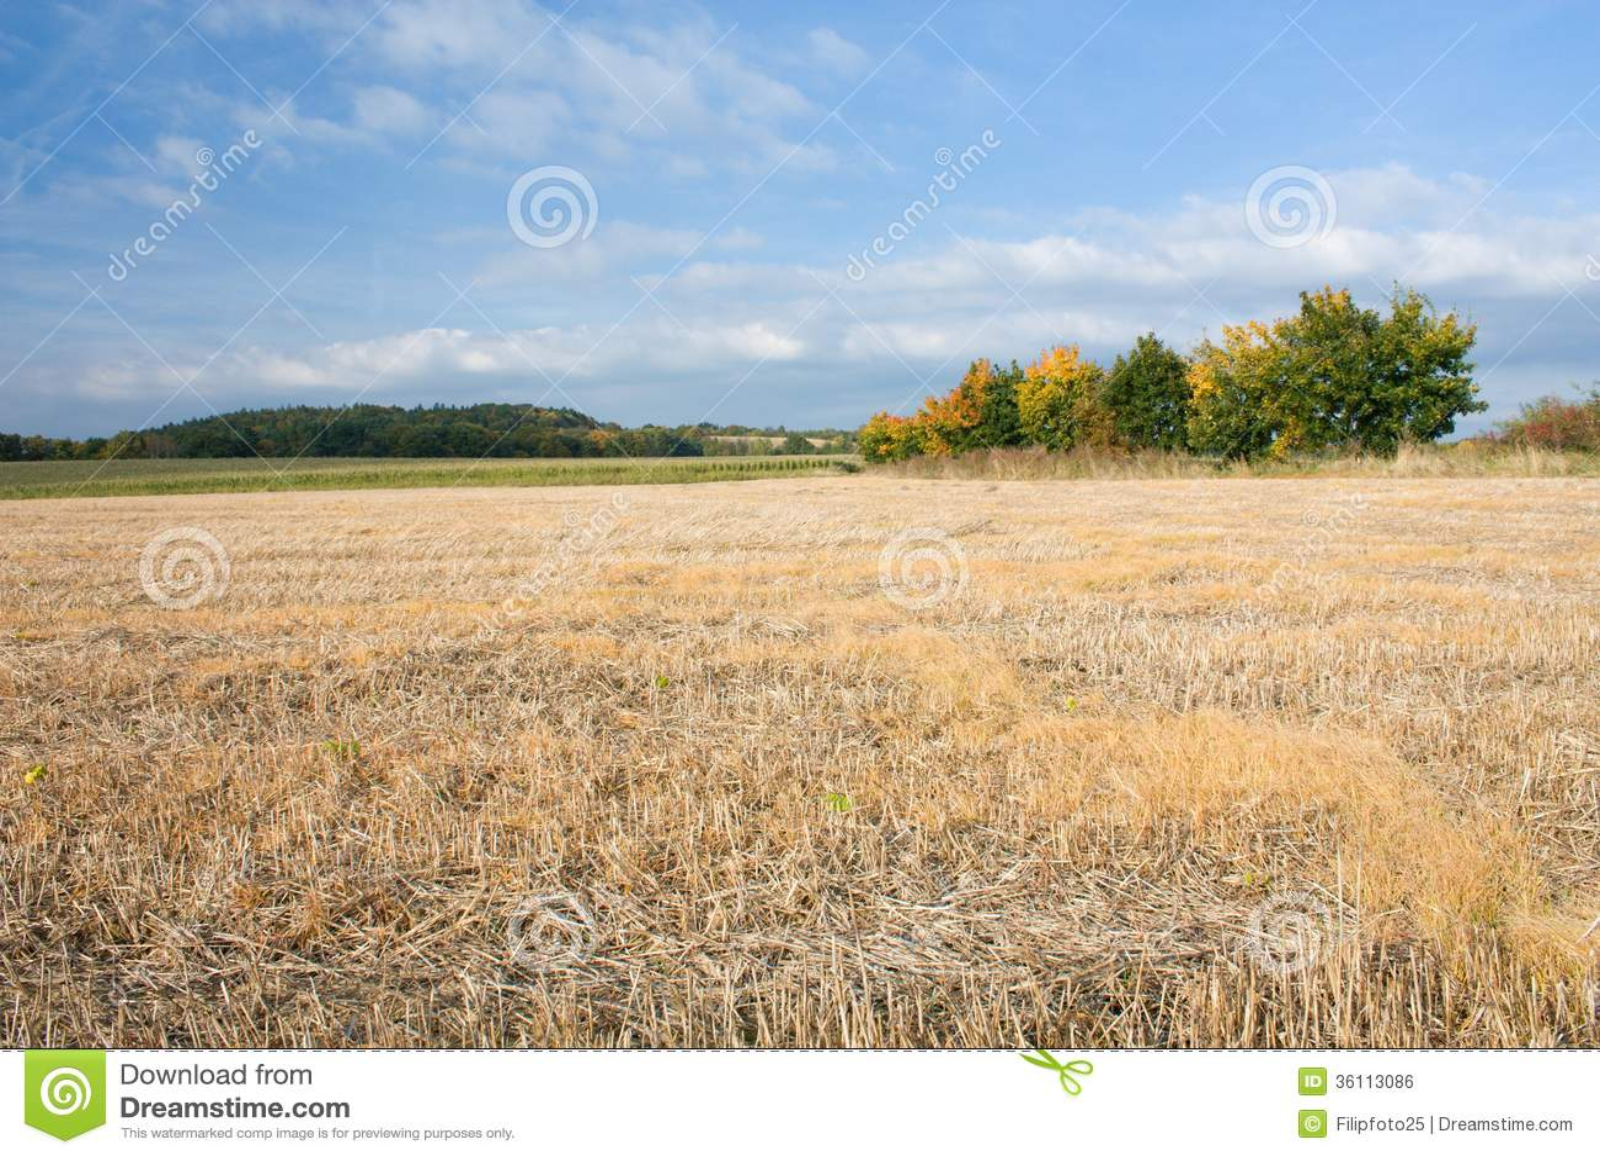 harvestad